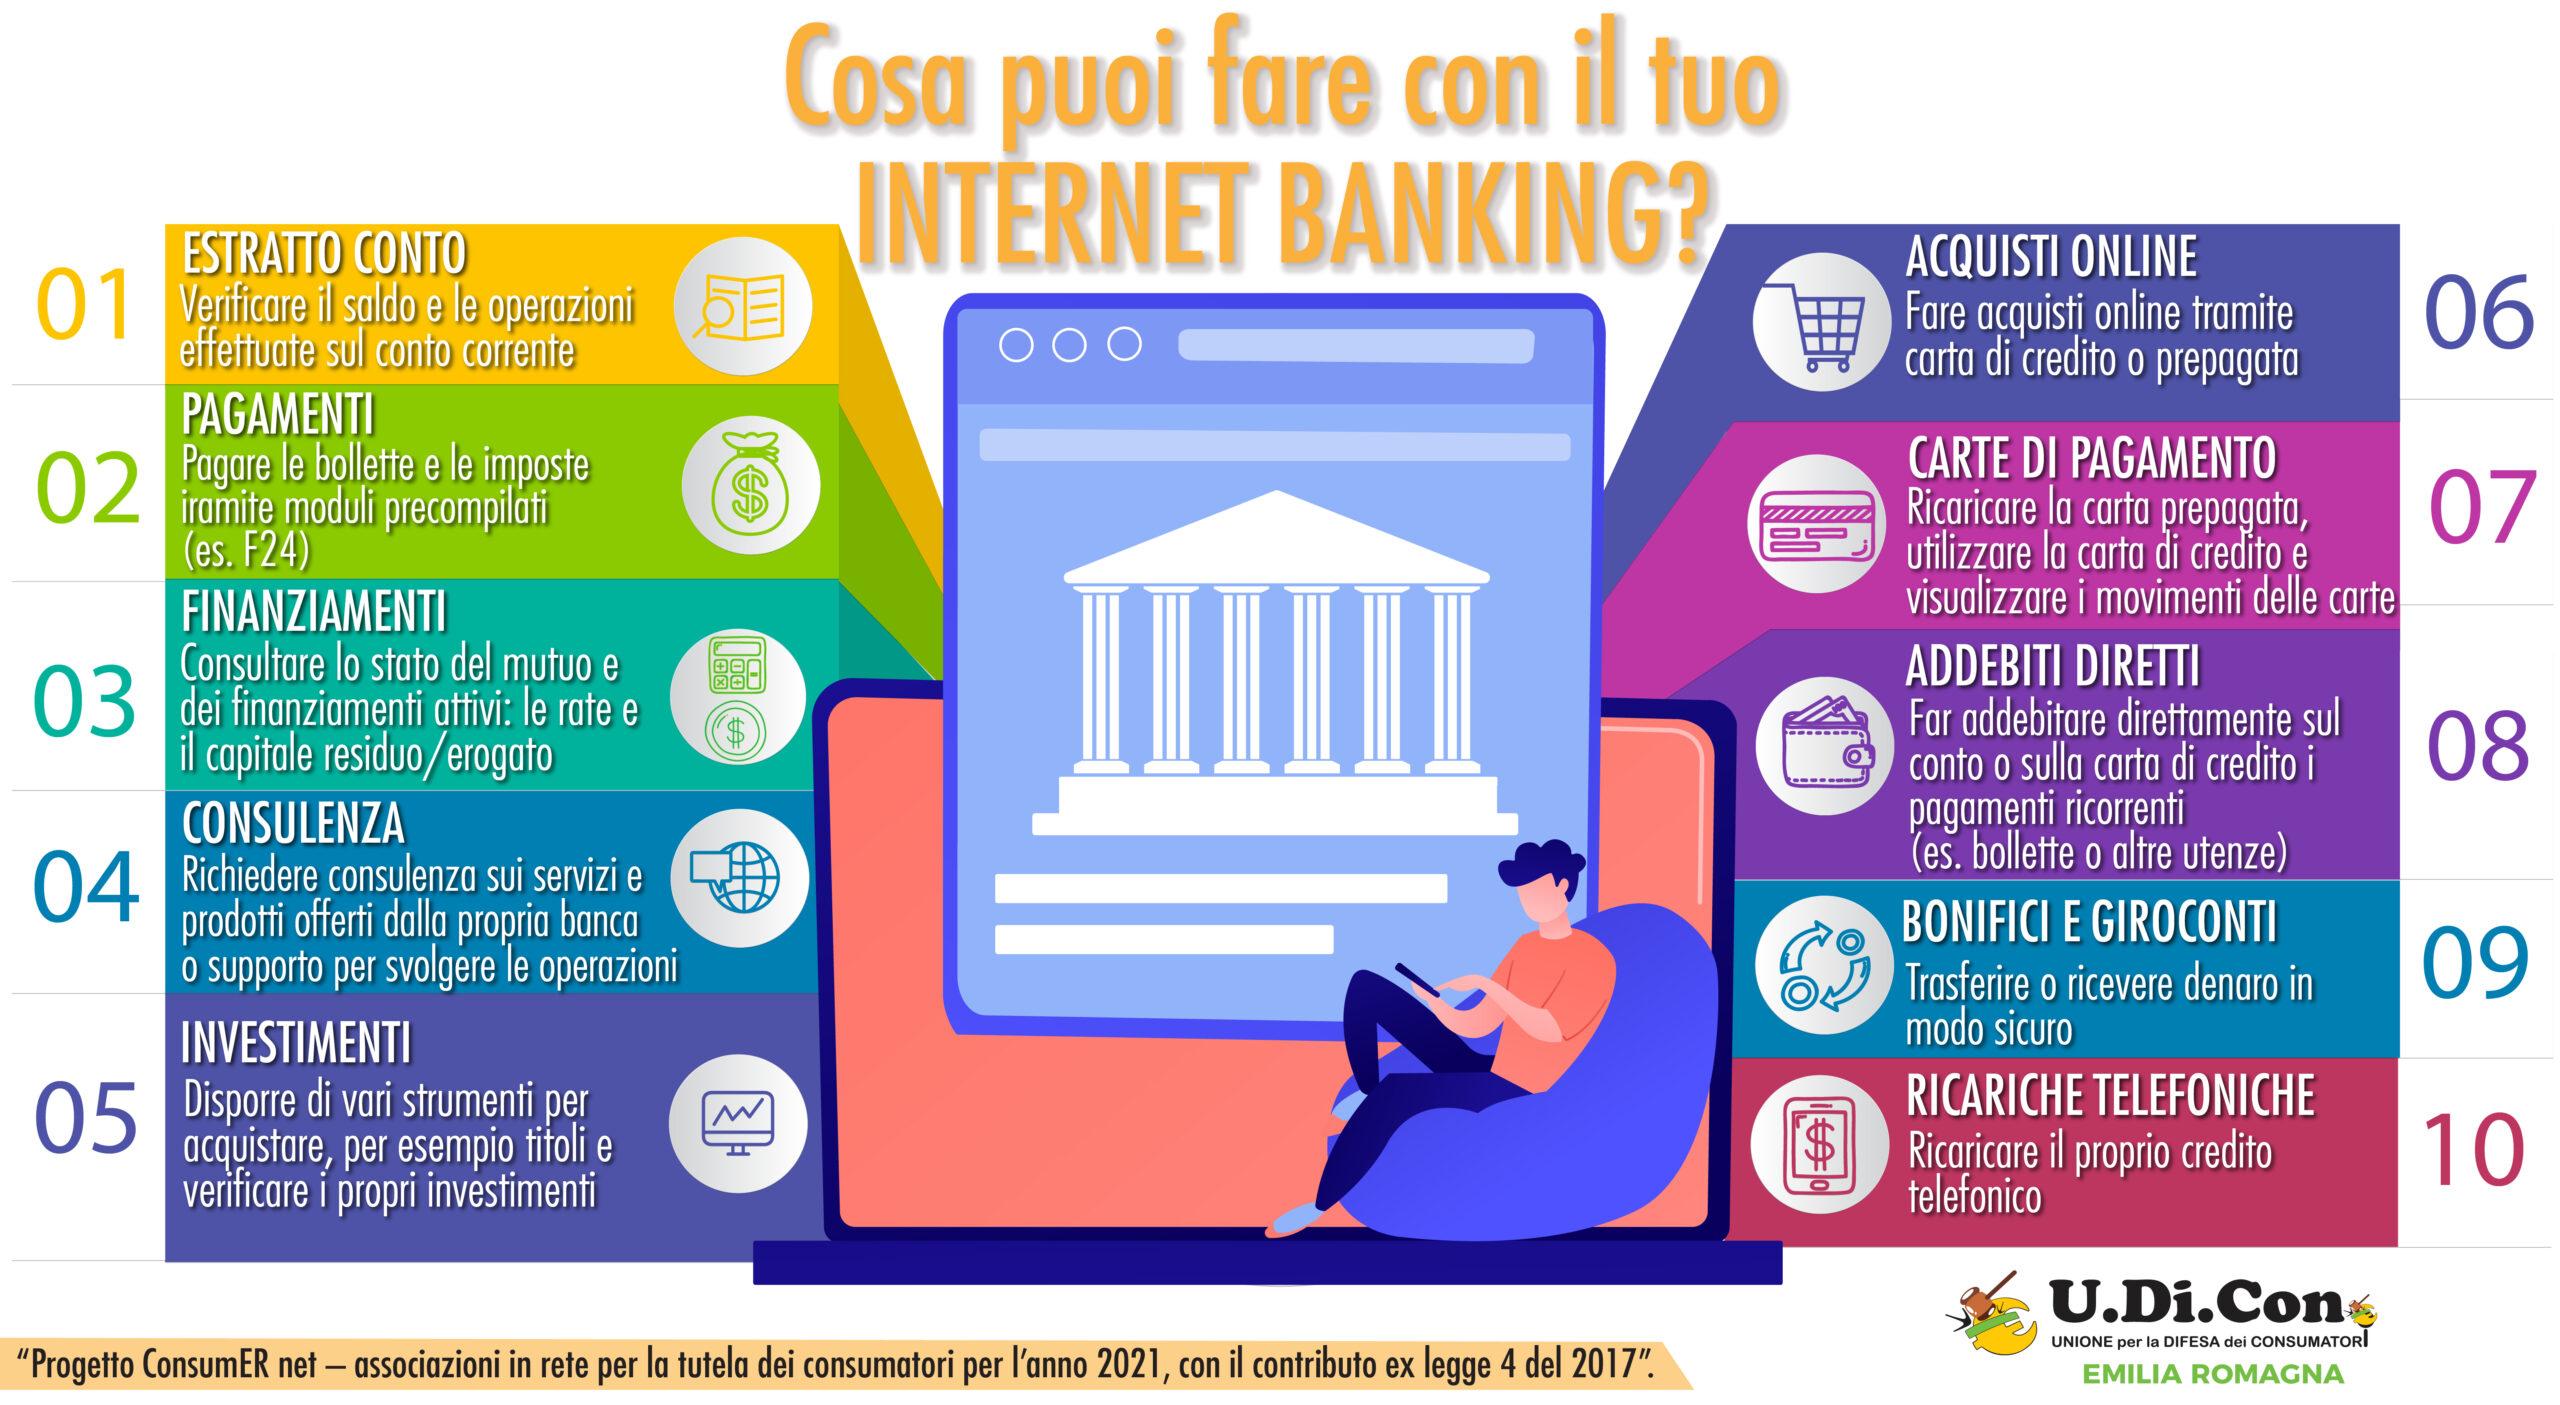 Infografica - Cosa puoi fare con il tuo internet banking?